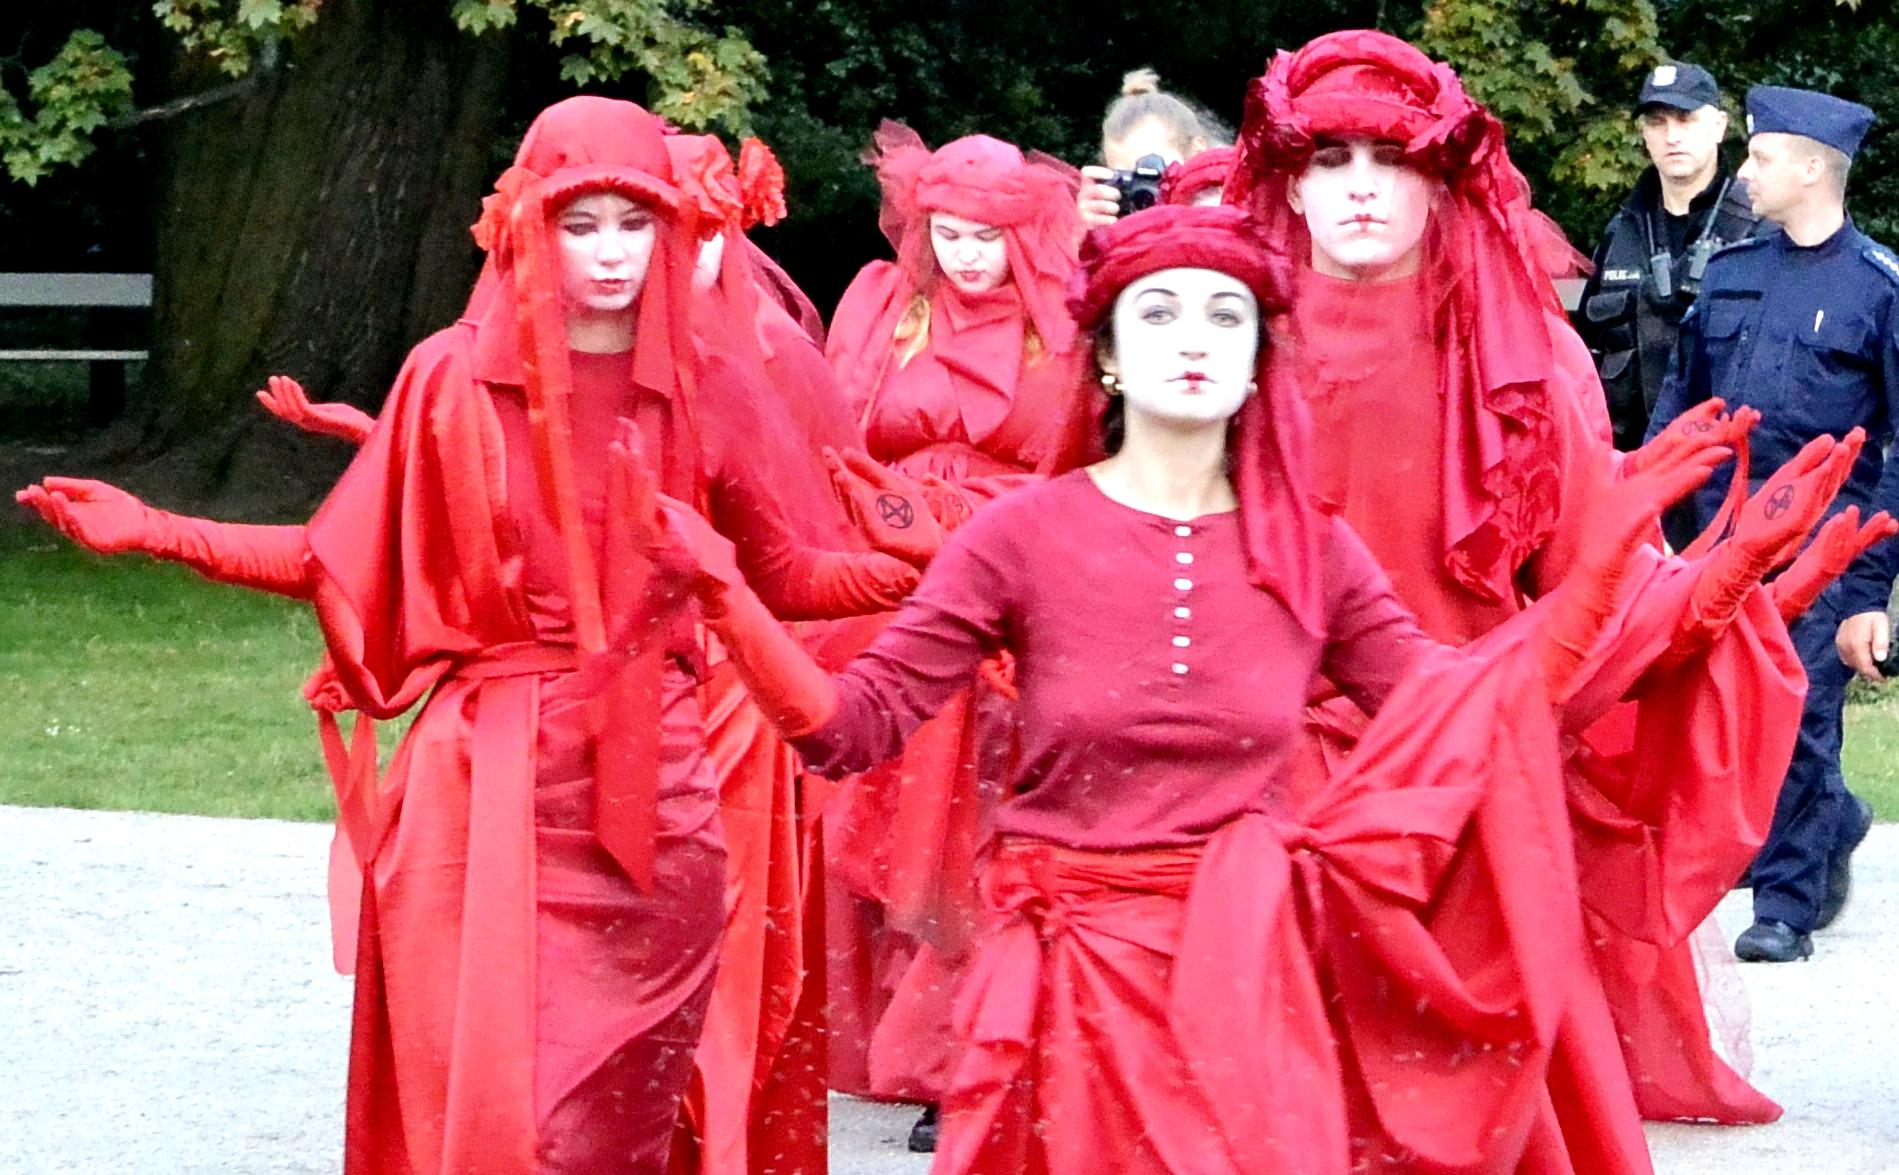 Протест красных вдов в Варшаве